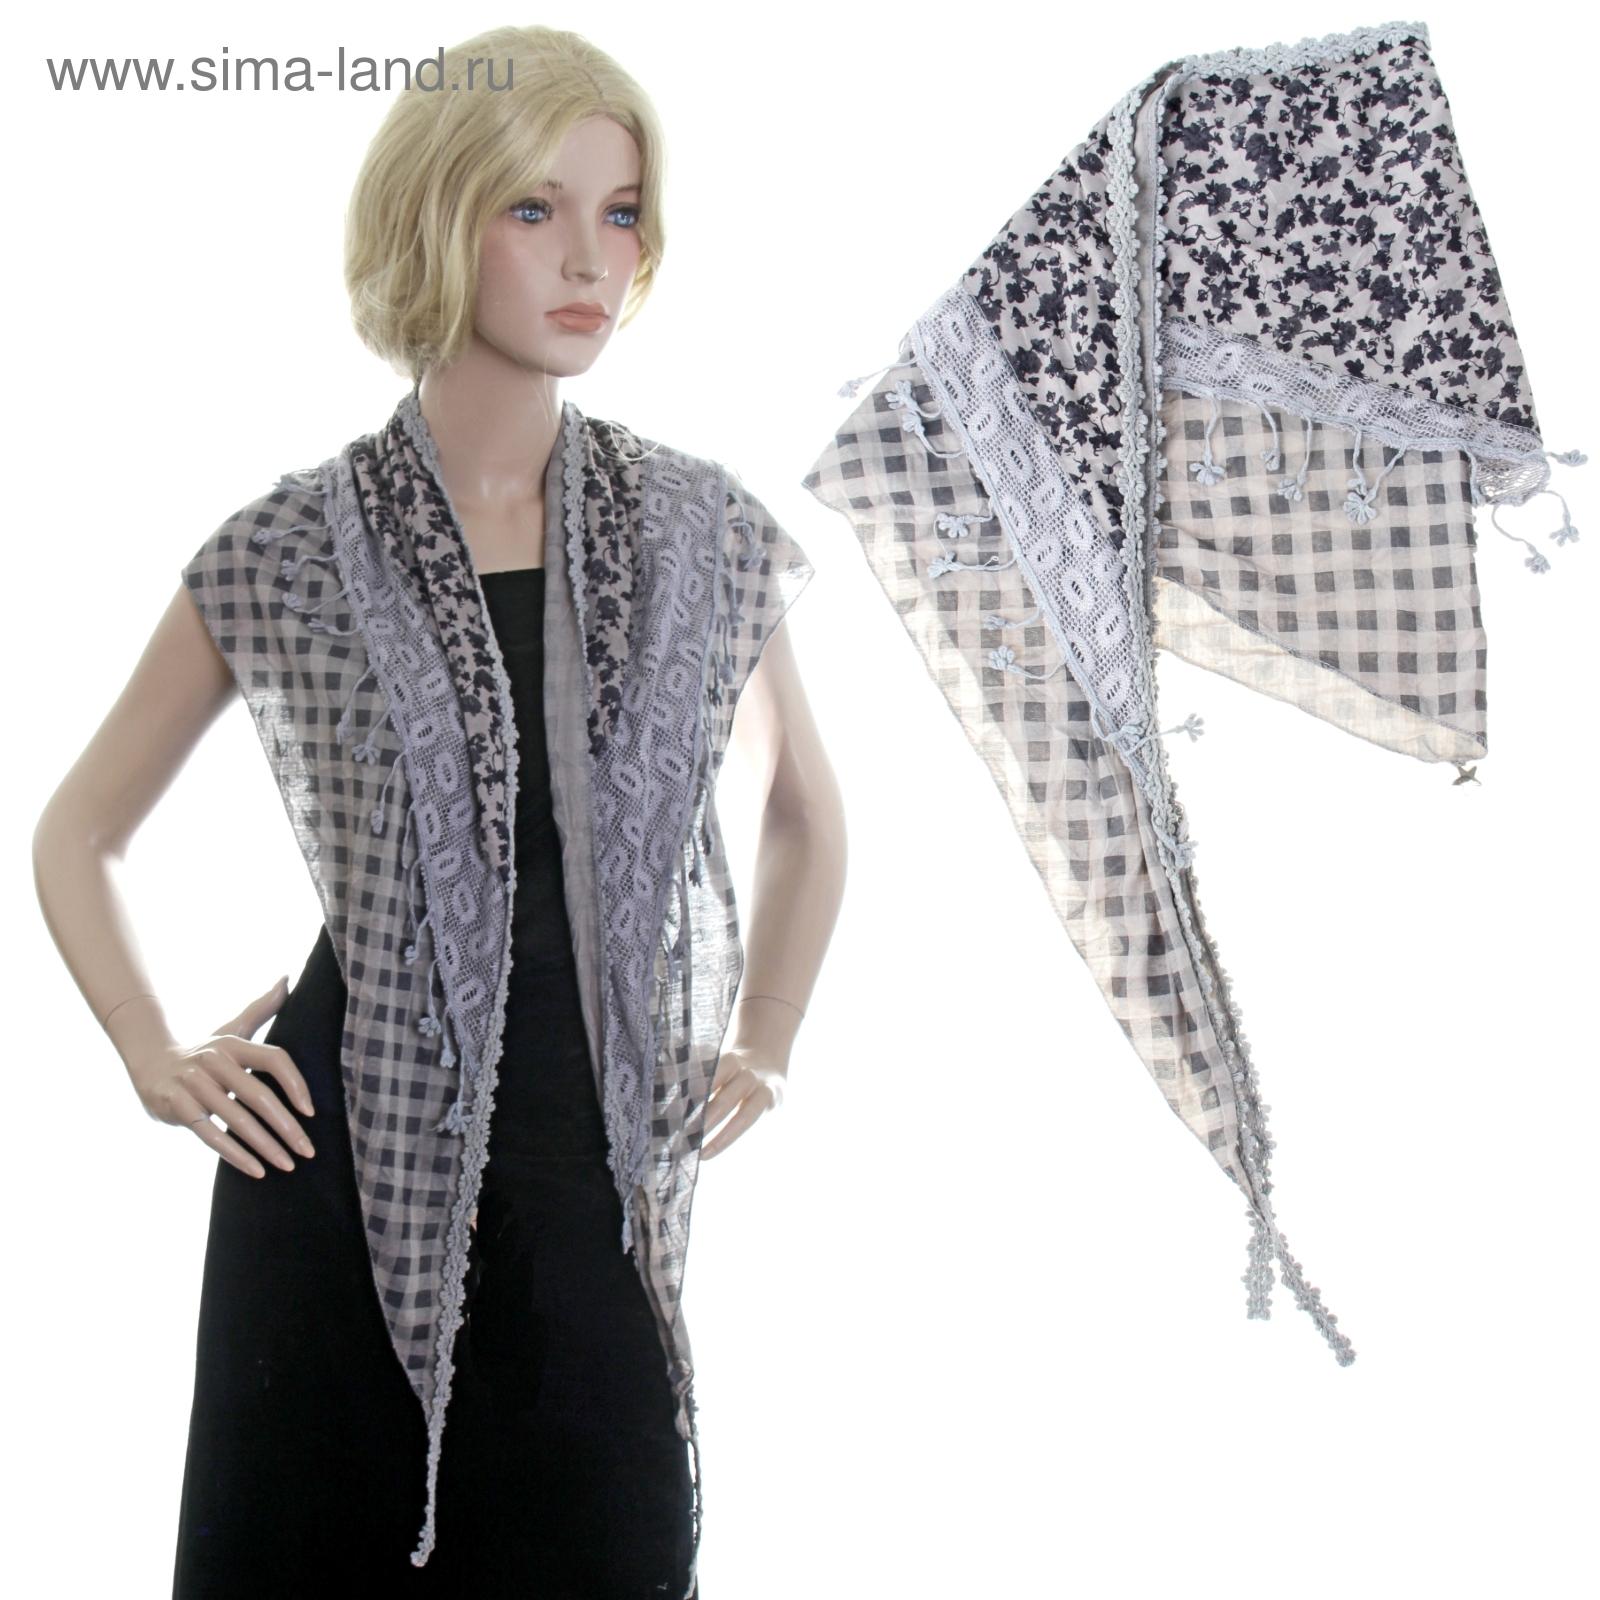 Шарф Rossini текстильный (559125) - Купить по цене от 74.70 руб ... 0a579a509f4